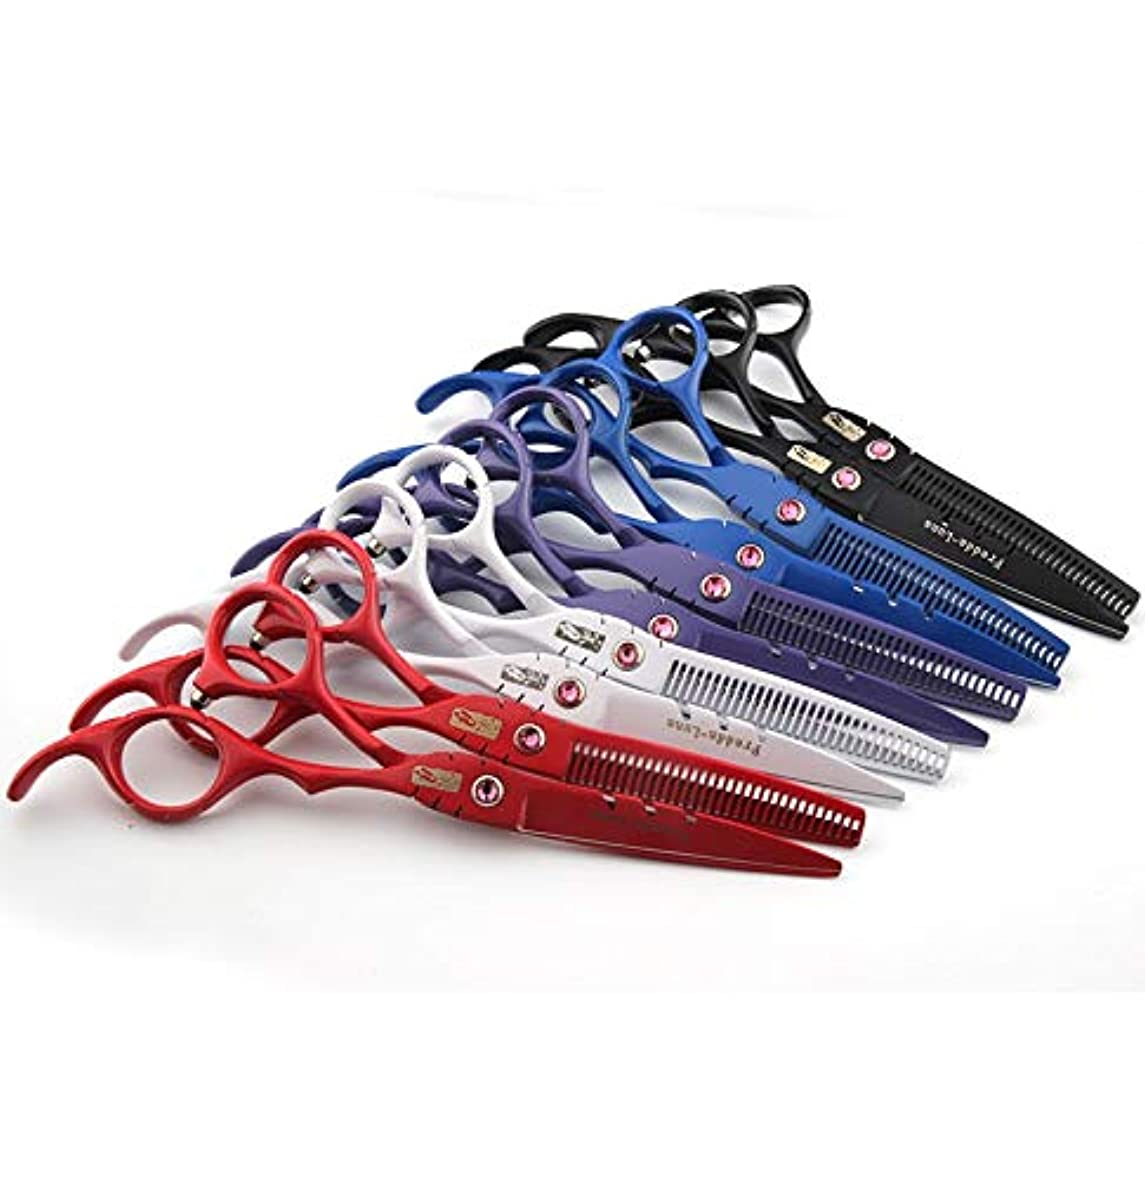 気づくなる顔料南アメリカシザー カットシザー プロの理髪師用はさみ、ヘアカットはさみ、間伐用はさみキット(2本) ヘアカット シザー (Color : White)